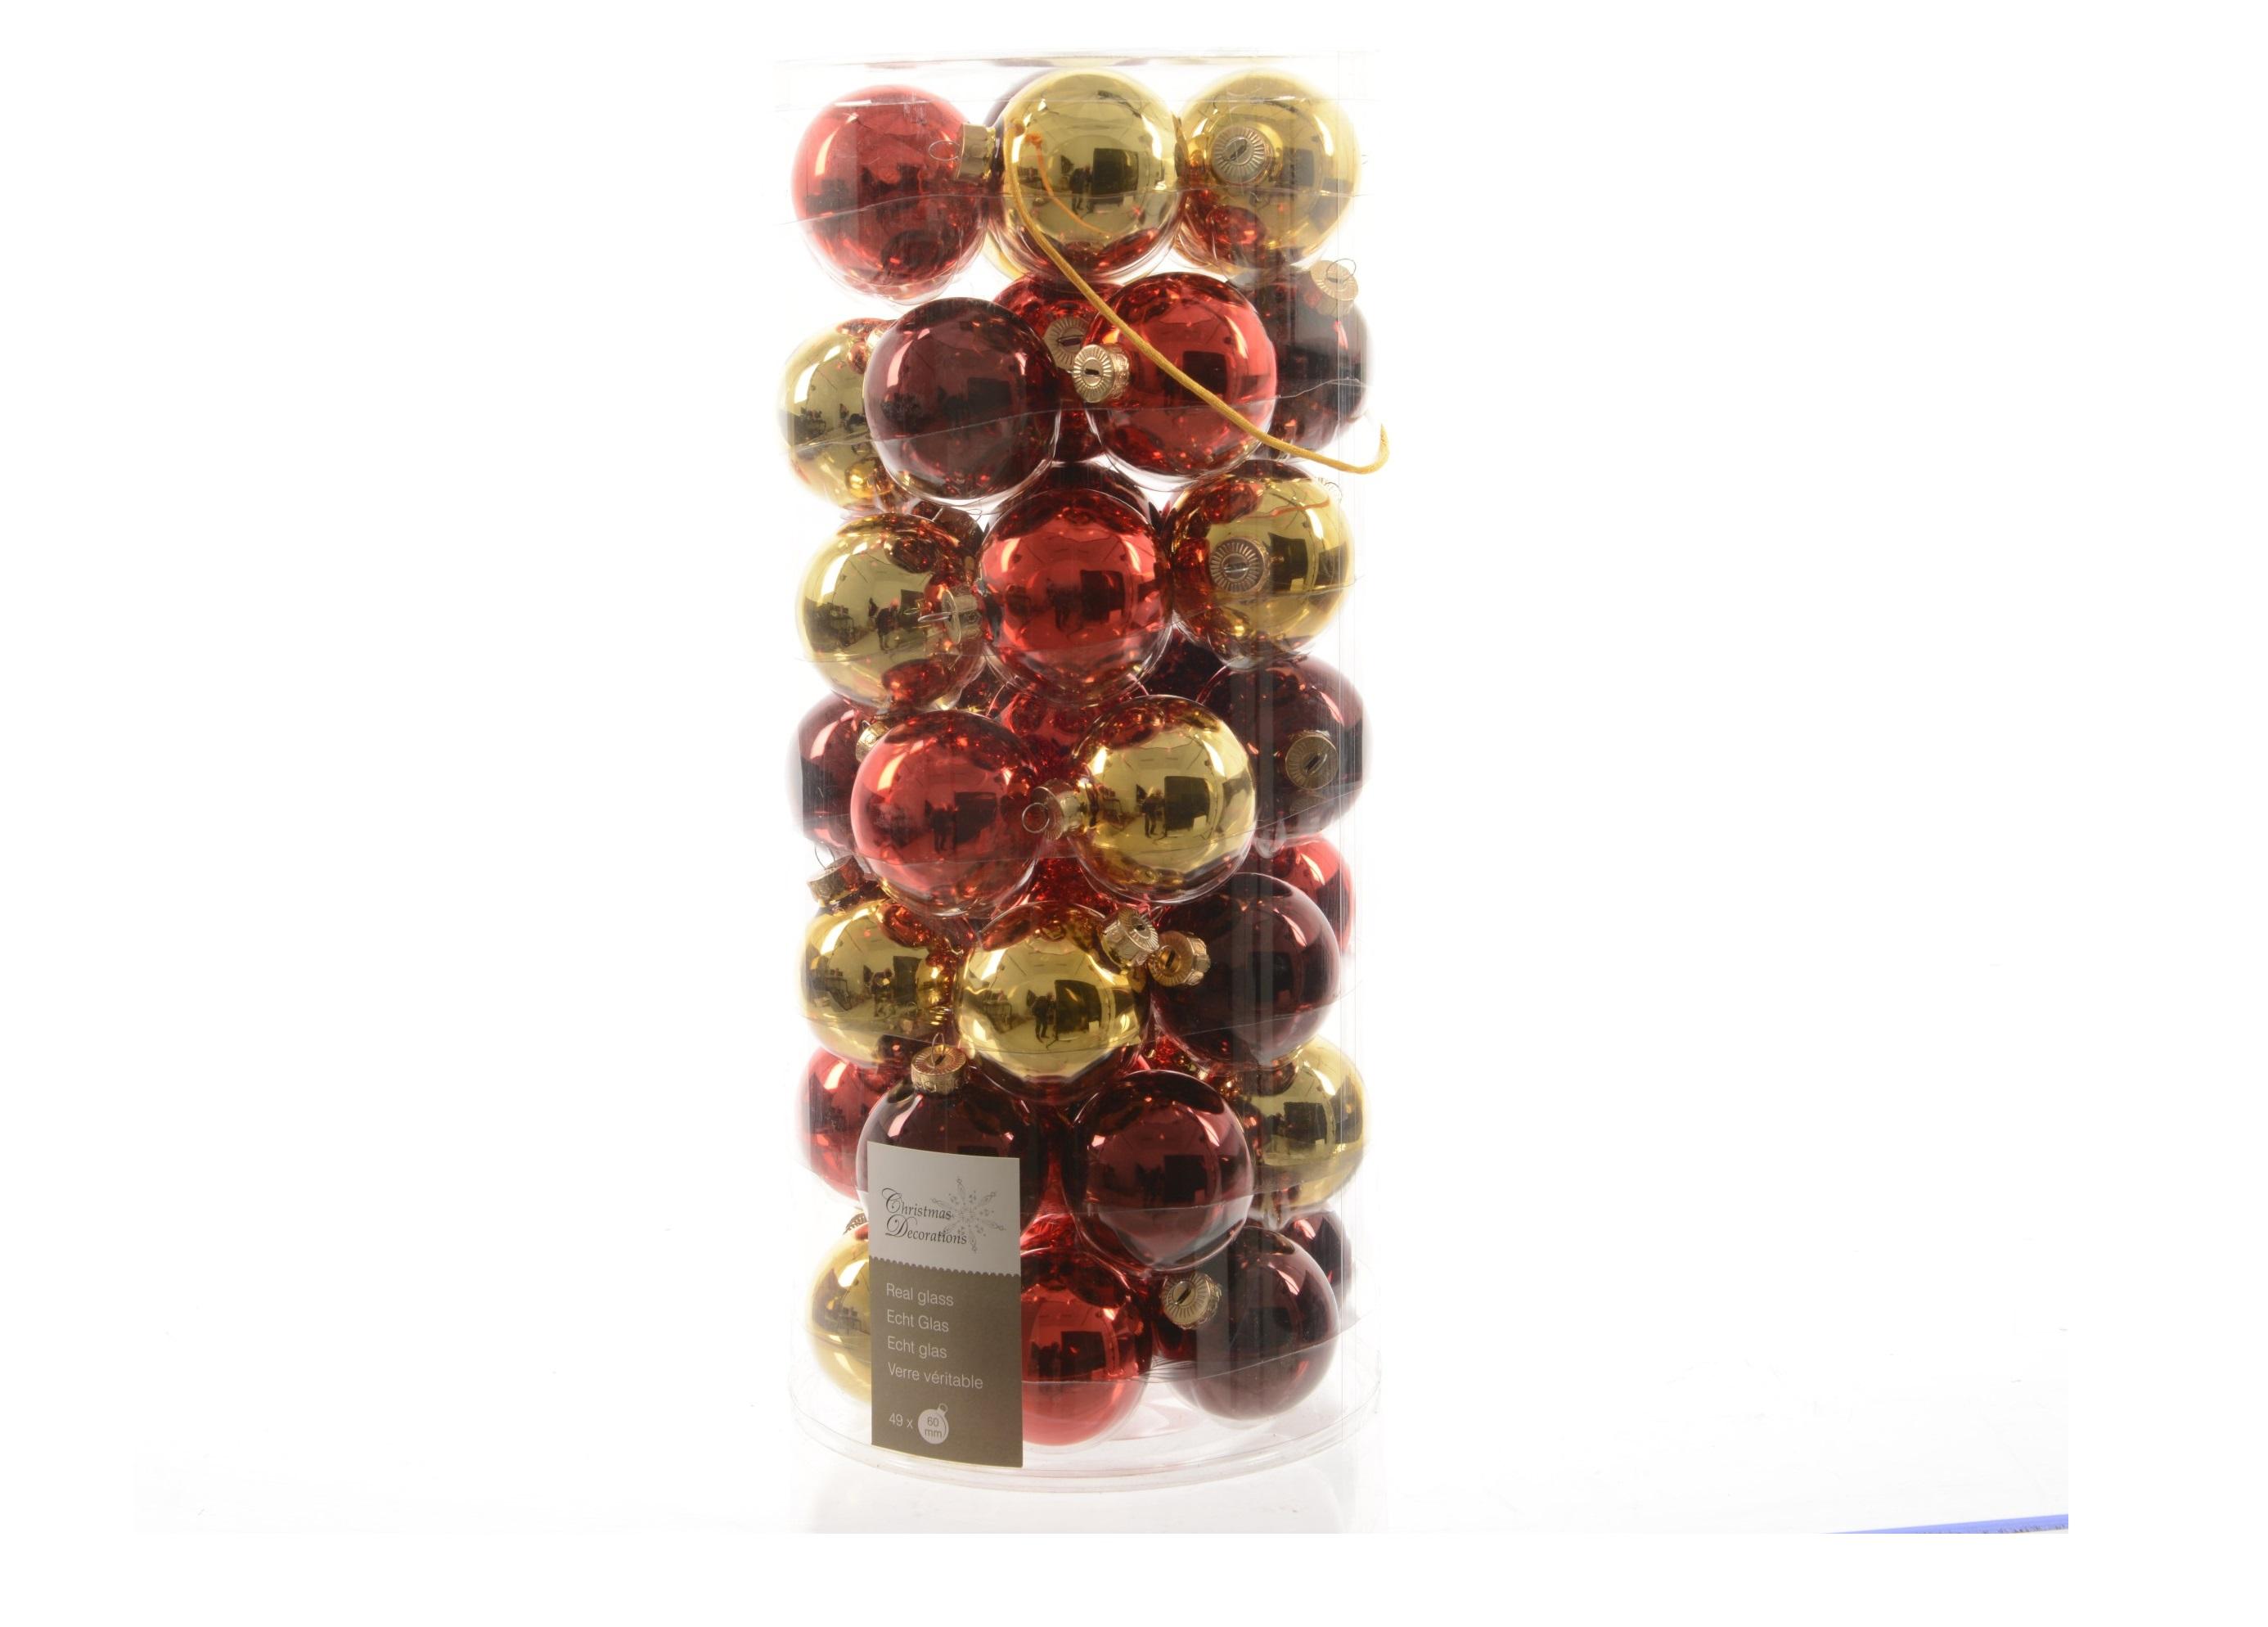 Набор стеклянных шаров Твист (49шт)Новогодние игрушки<br><br><br>Material: Стекло<br>Width см: None<br>Depth см: 6<br>Height см: None<br>Diameter см: 6